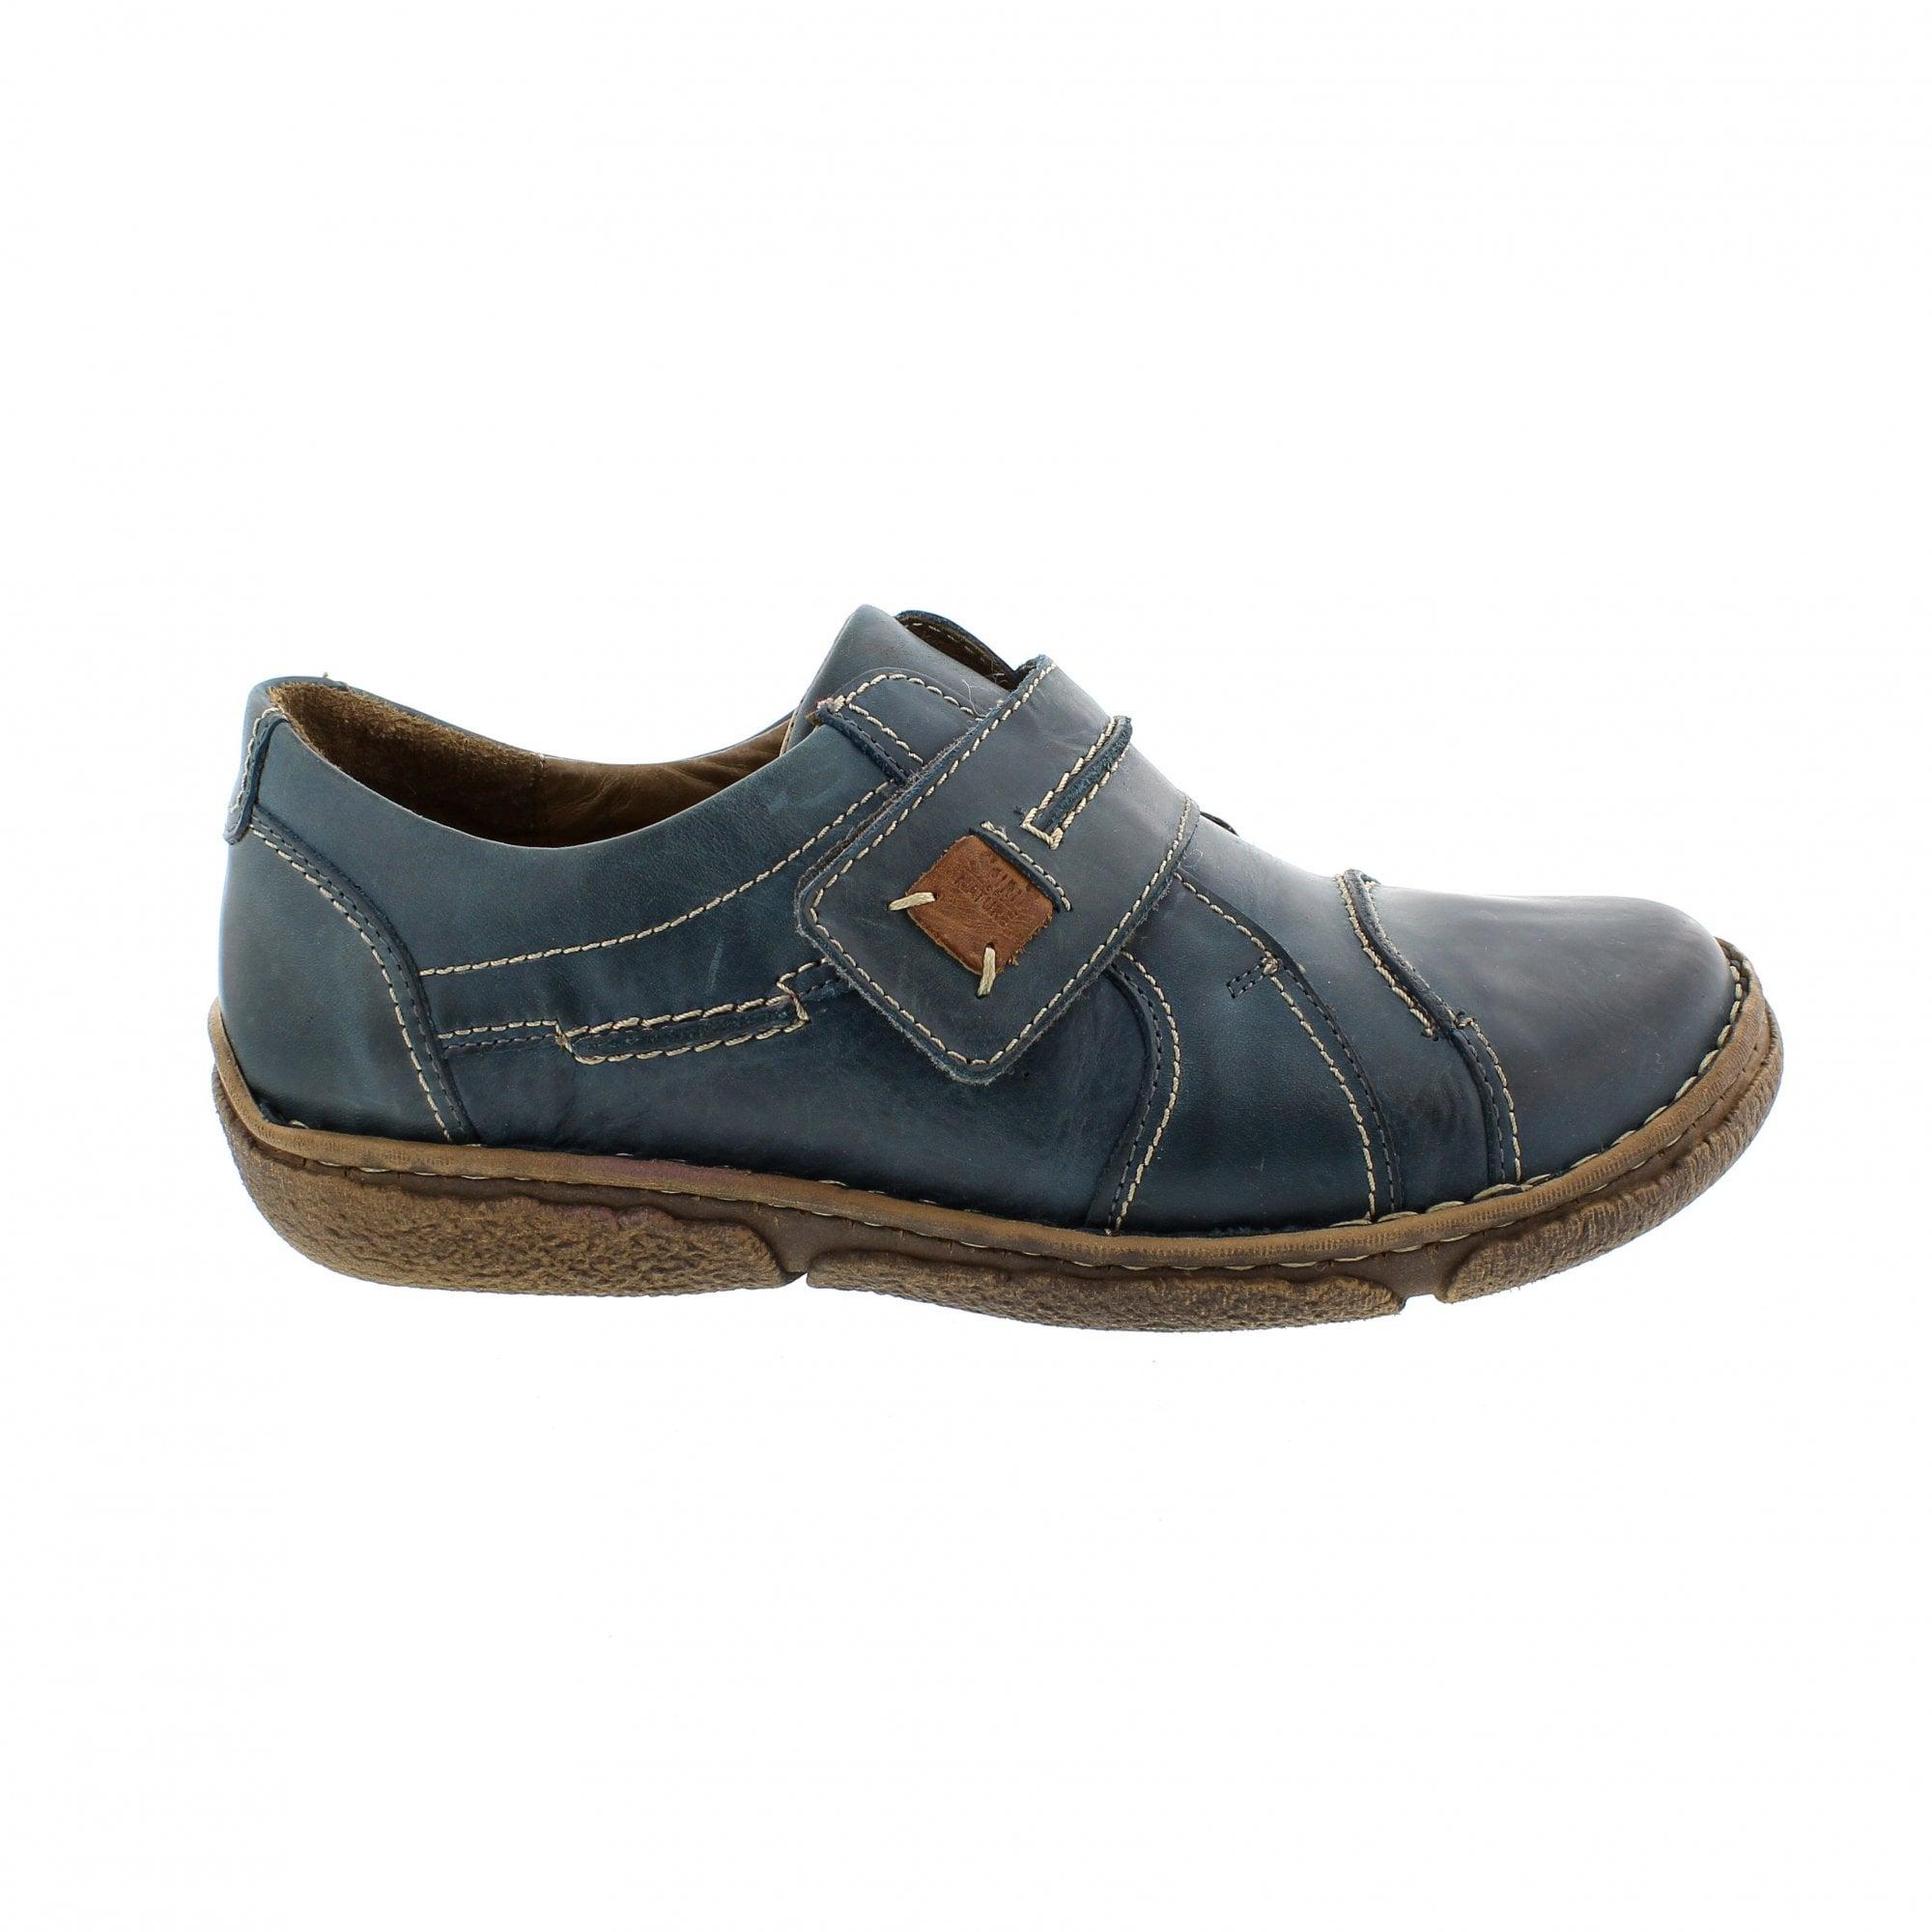 3930e7a1 Josef Seibel Neele 4 Teal Womens Velcro Shoes   Rogerson Shoes